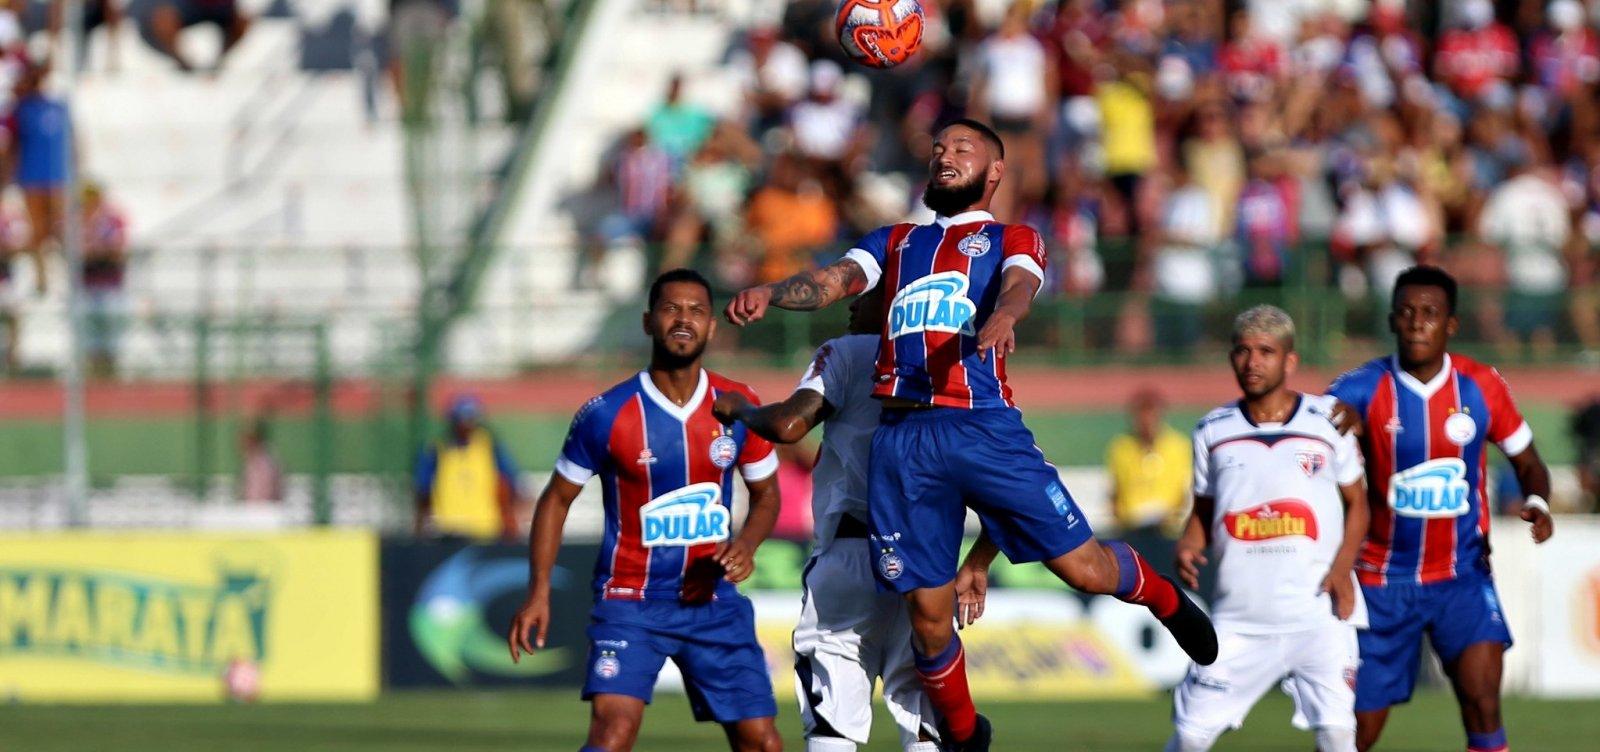 Com gol aos 52 do segundo tempo, Bahia e Bahia de Feira empatam em 1 a 1 na primeira final do Baianão